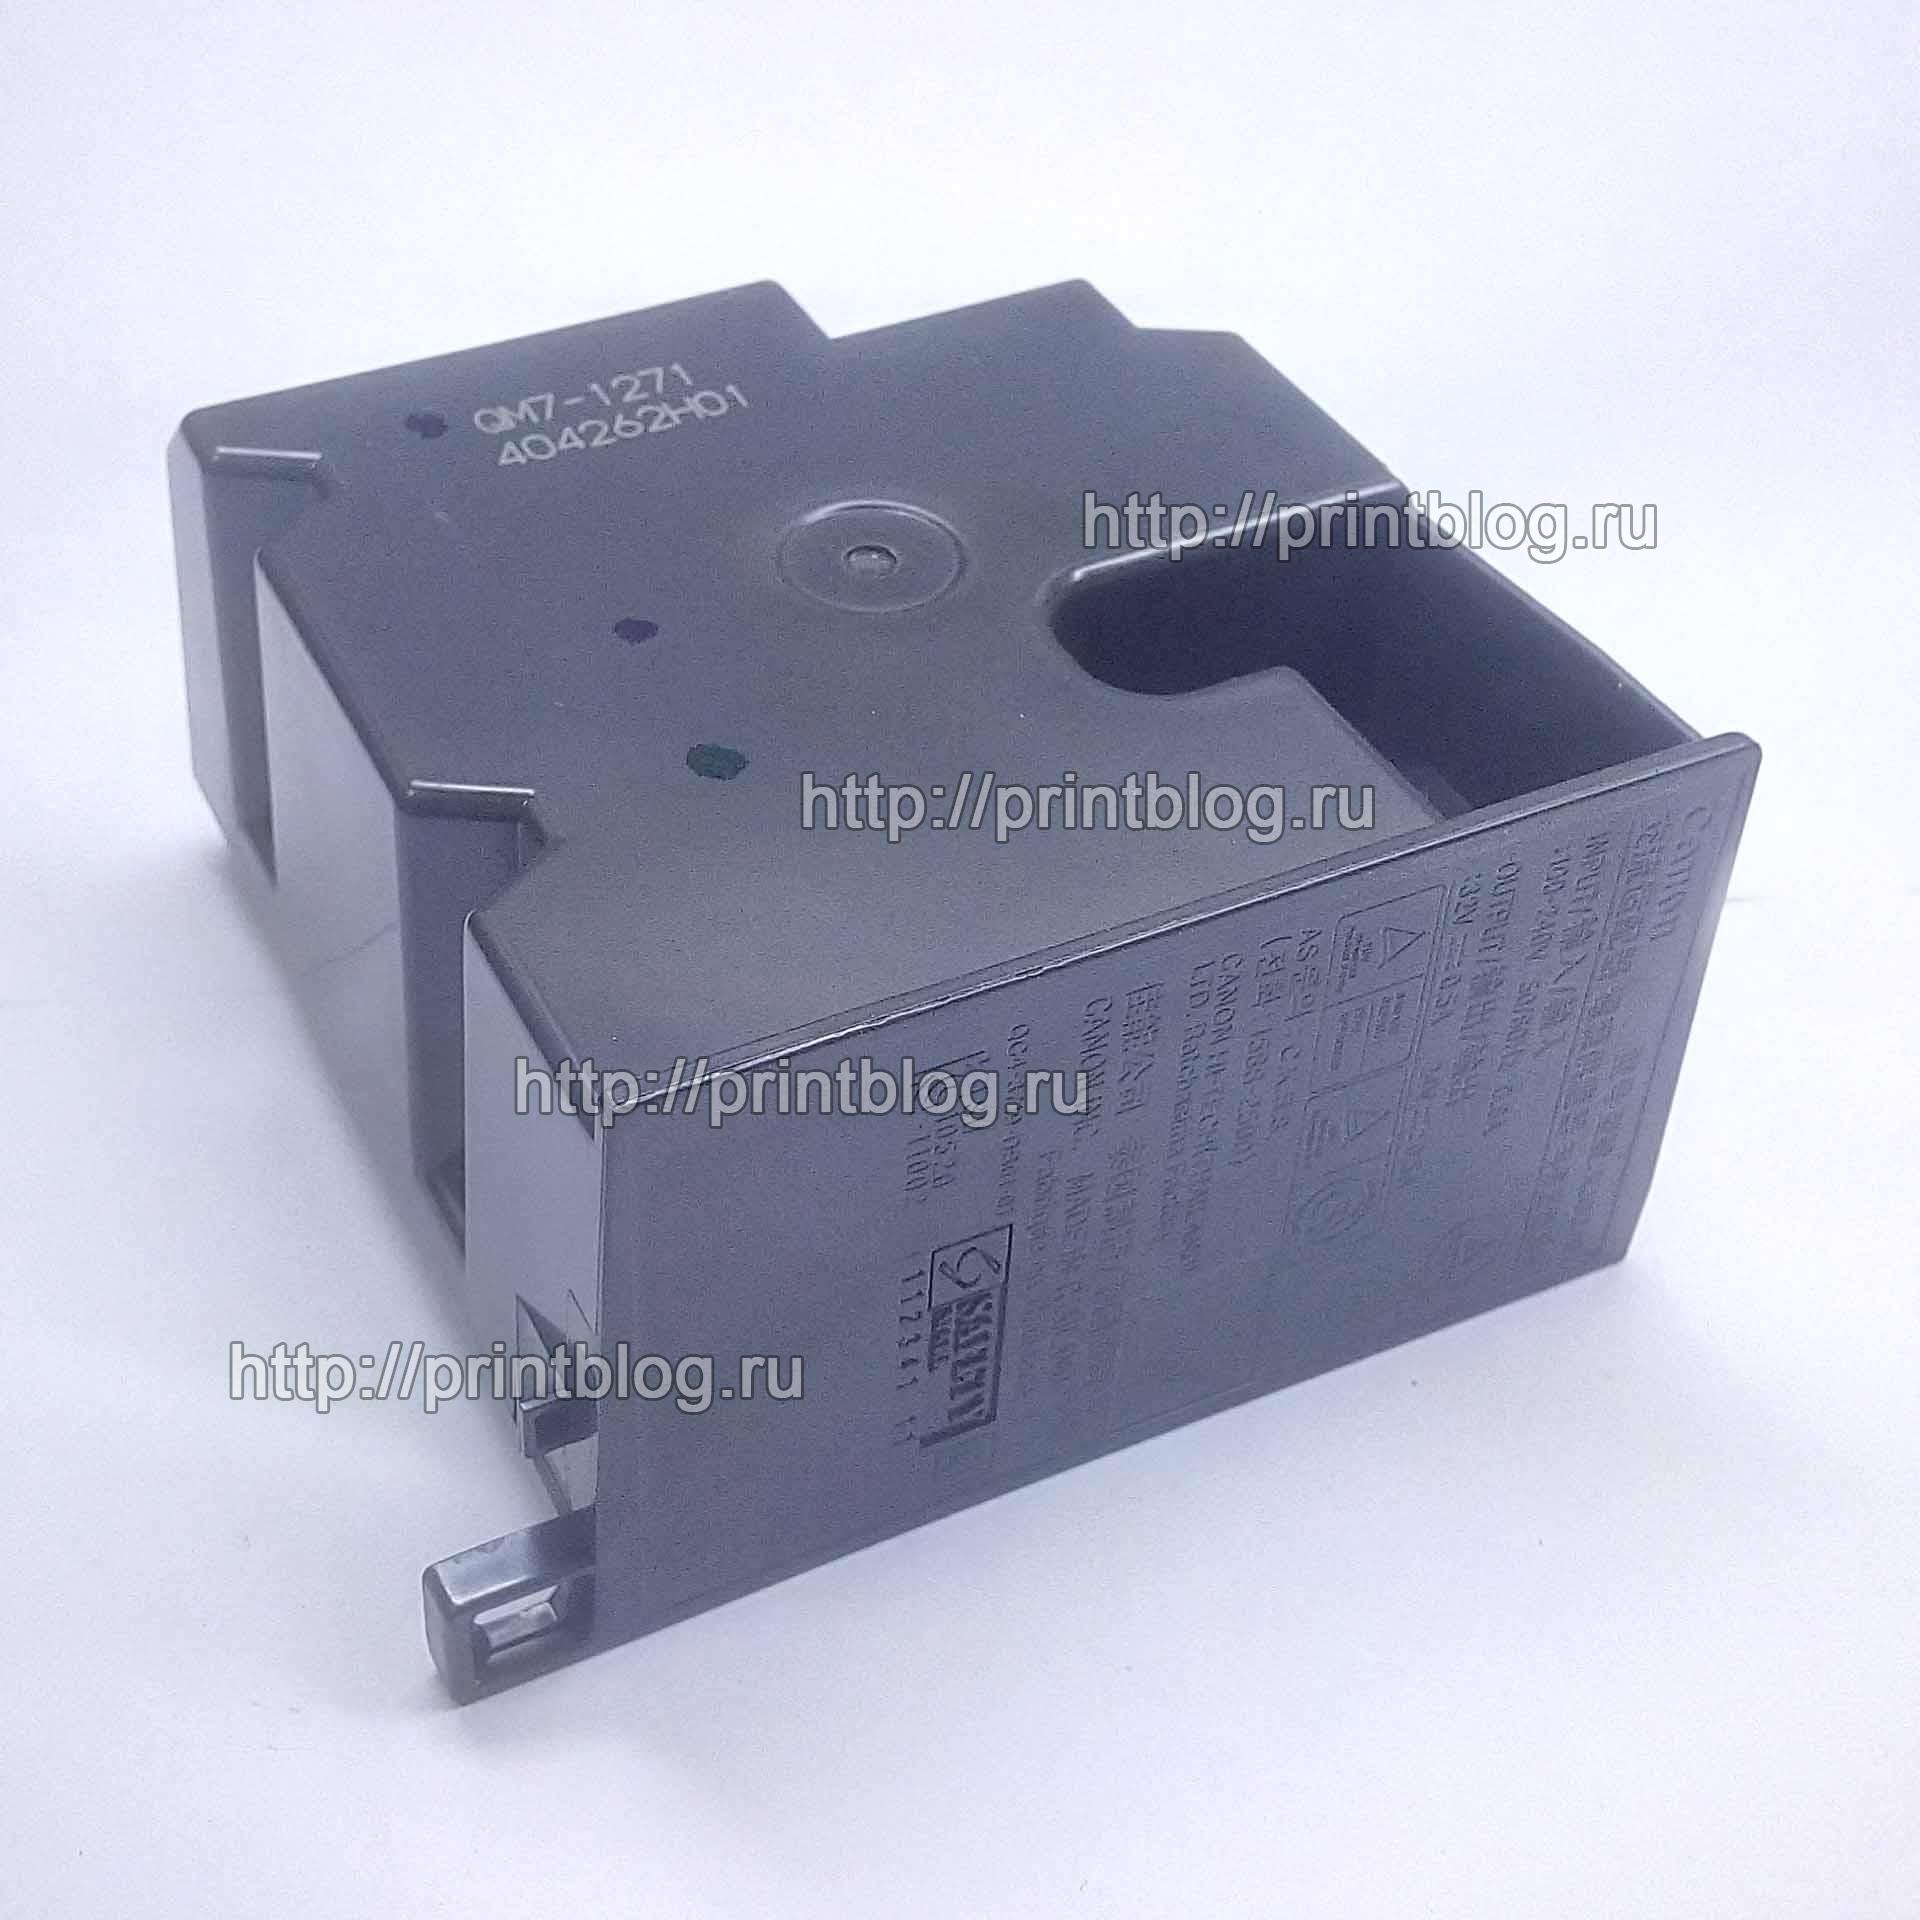 Блок питания для Canon PIXMA MG6340, MG7140, iP7240, iP7250, iX6840, MG7150 и др. (K30346)